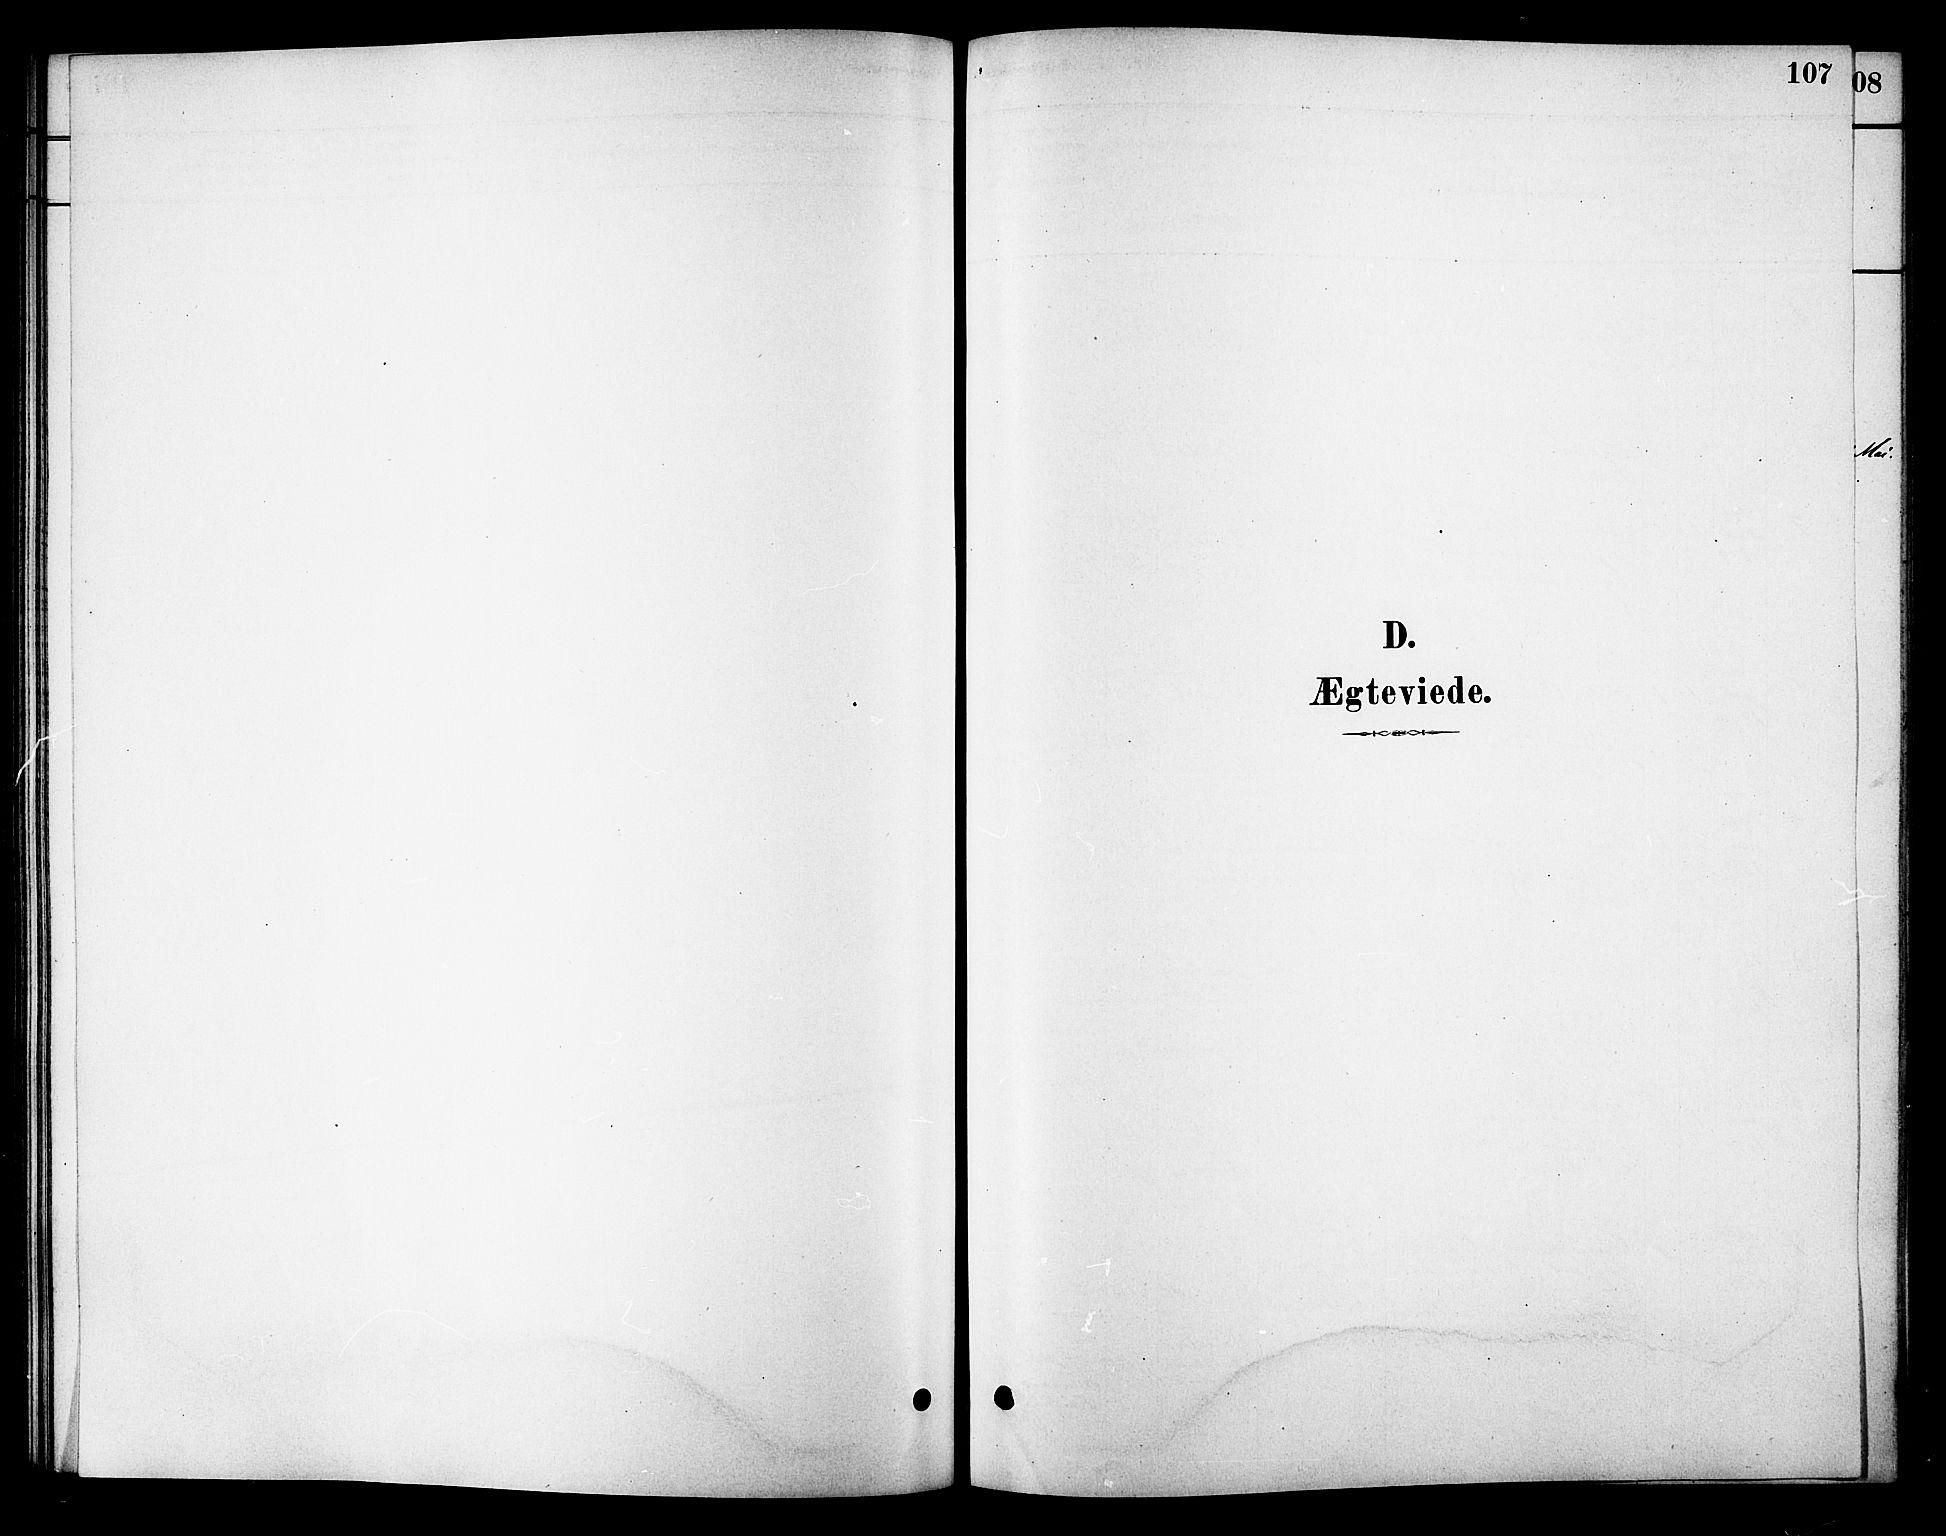 SAT, Ministerialprotokoller, klokkerbøker og fødselsregistre - Sør-Trøndelag, 688/L1024: Ministerialbok nr. 688A01, 1879-1890, s. 107